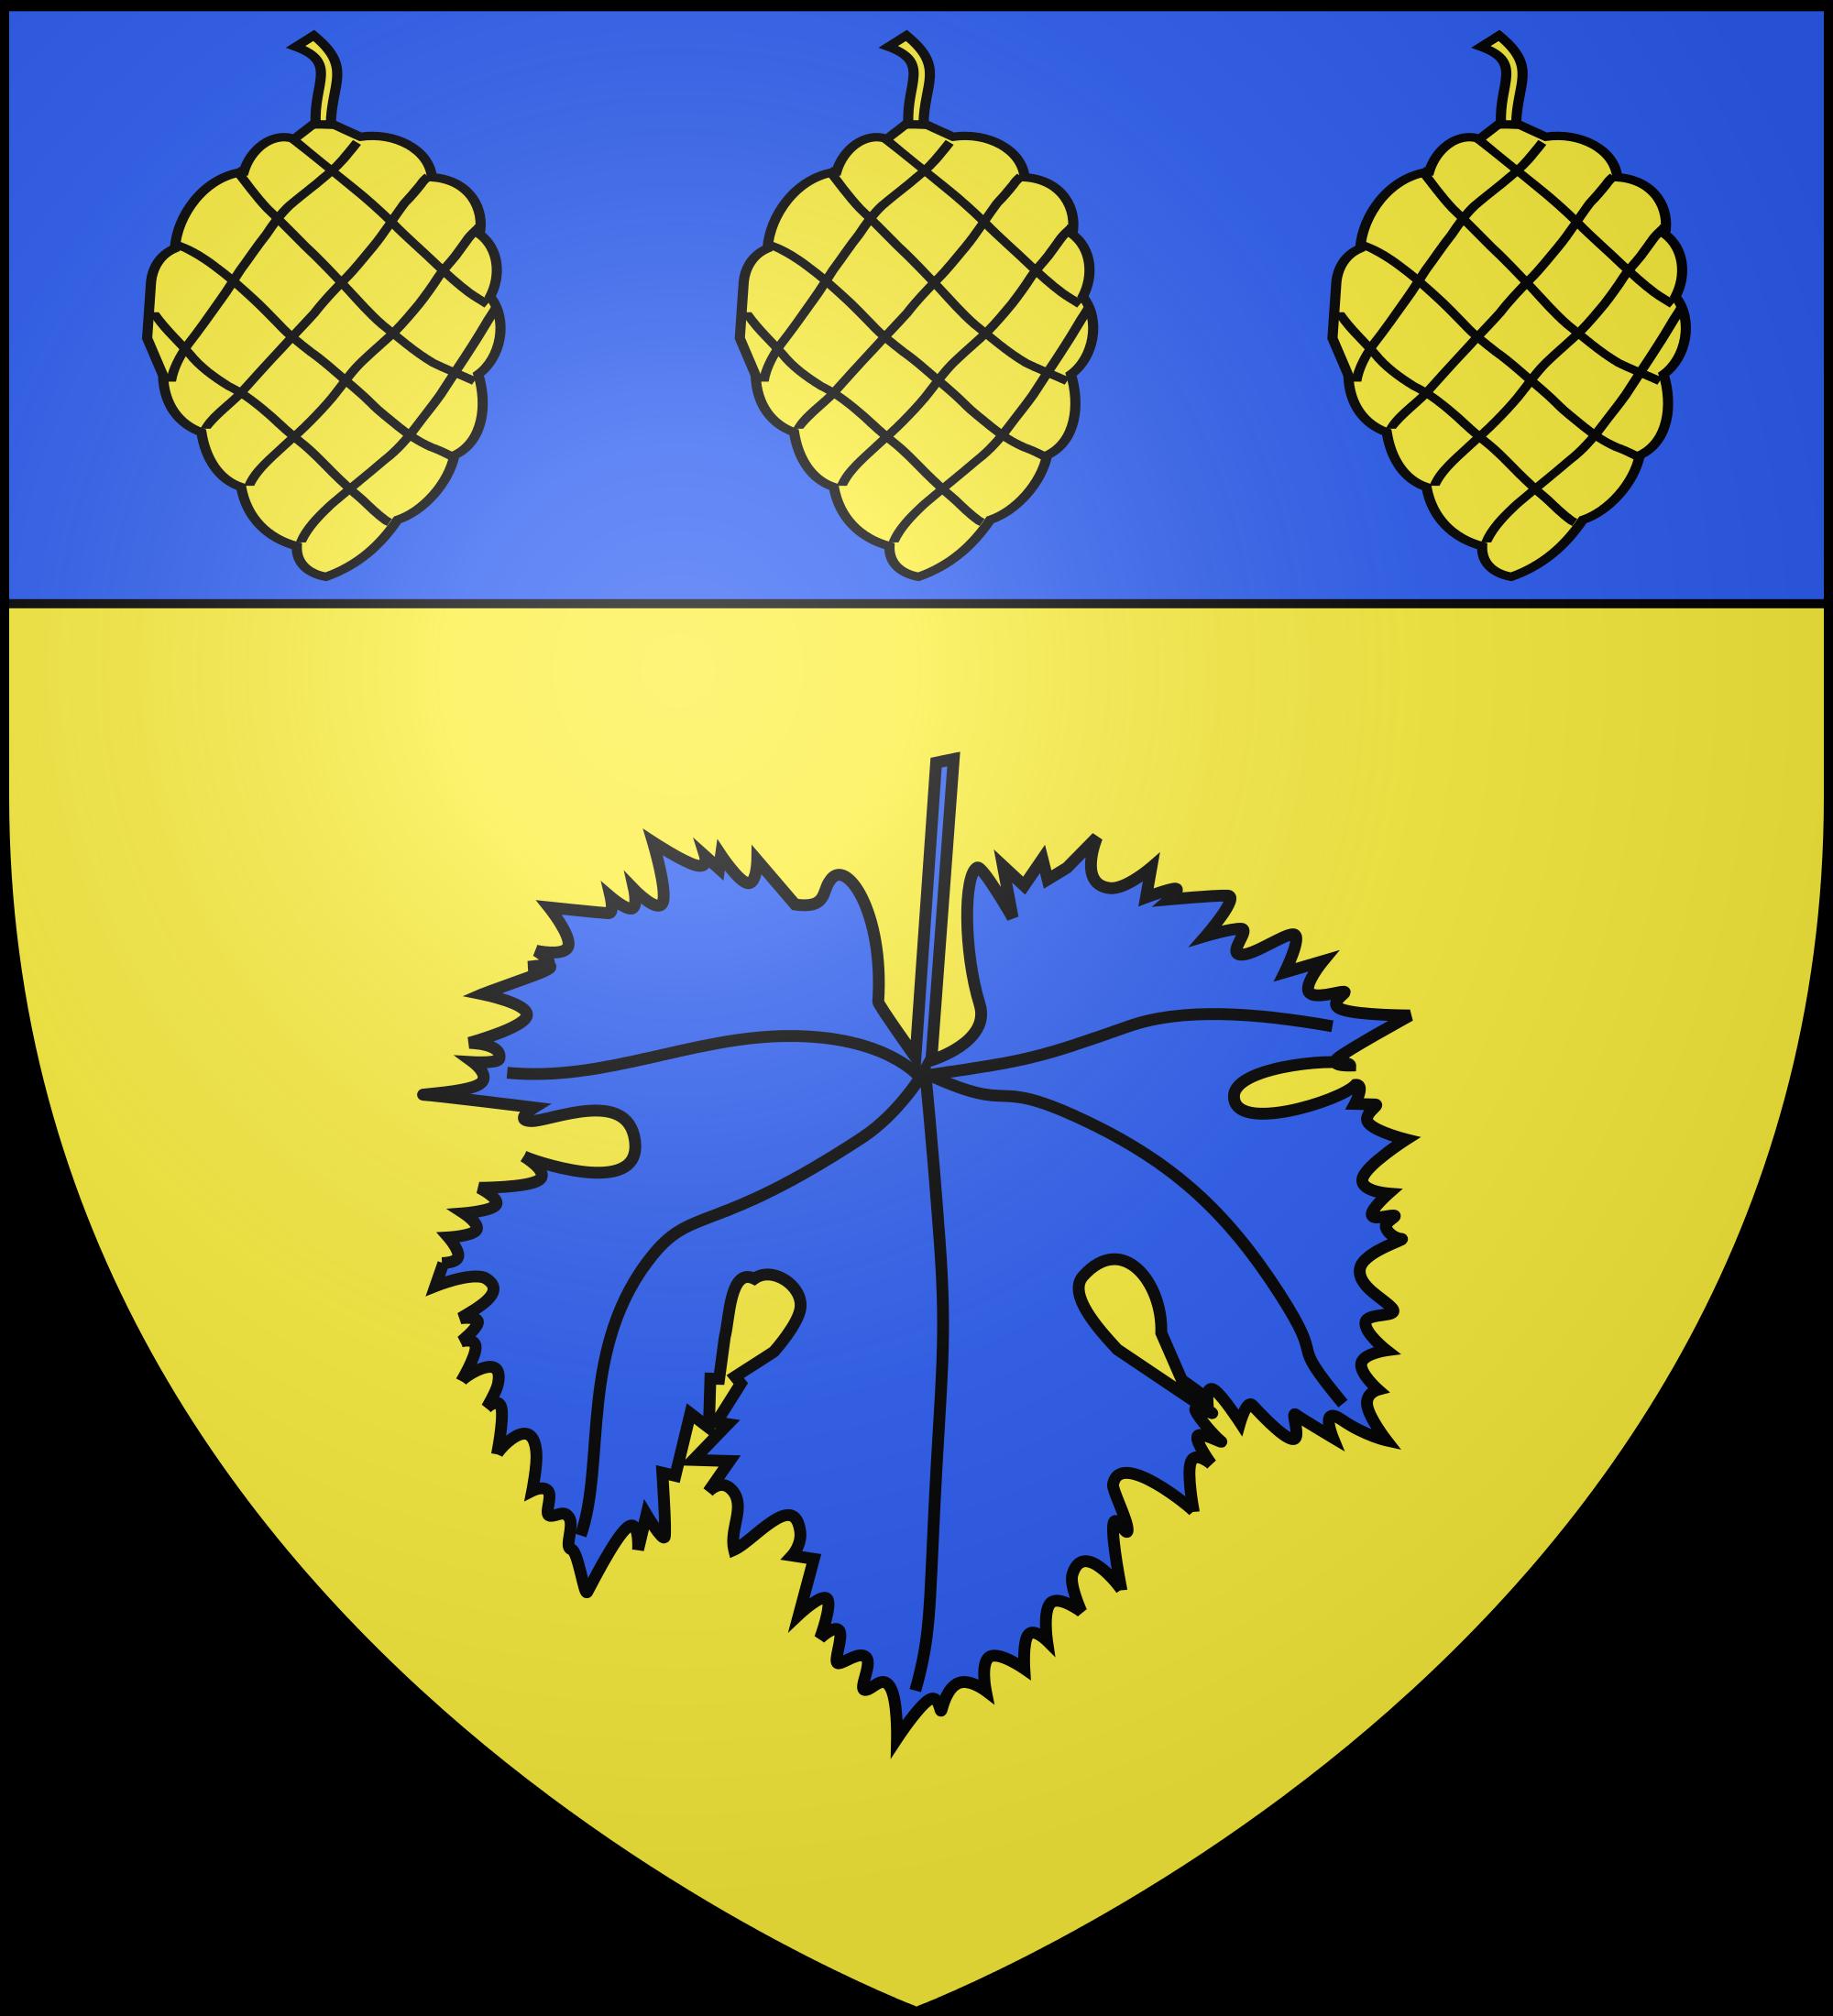 File:Blason ville fr Rebréchien (Loiret).svg.